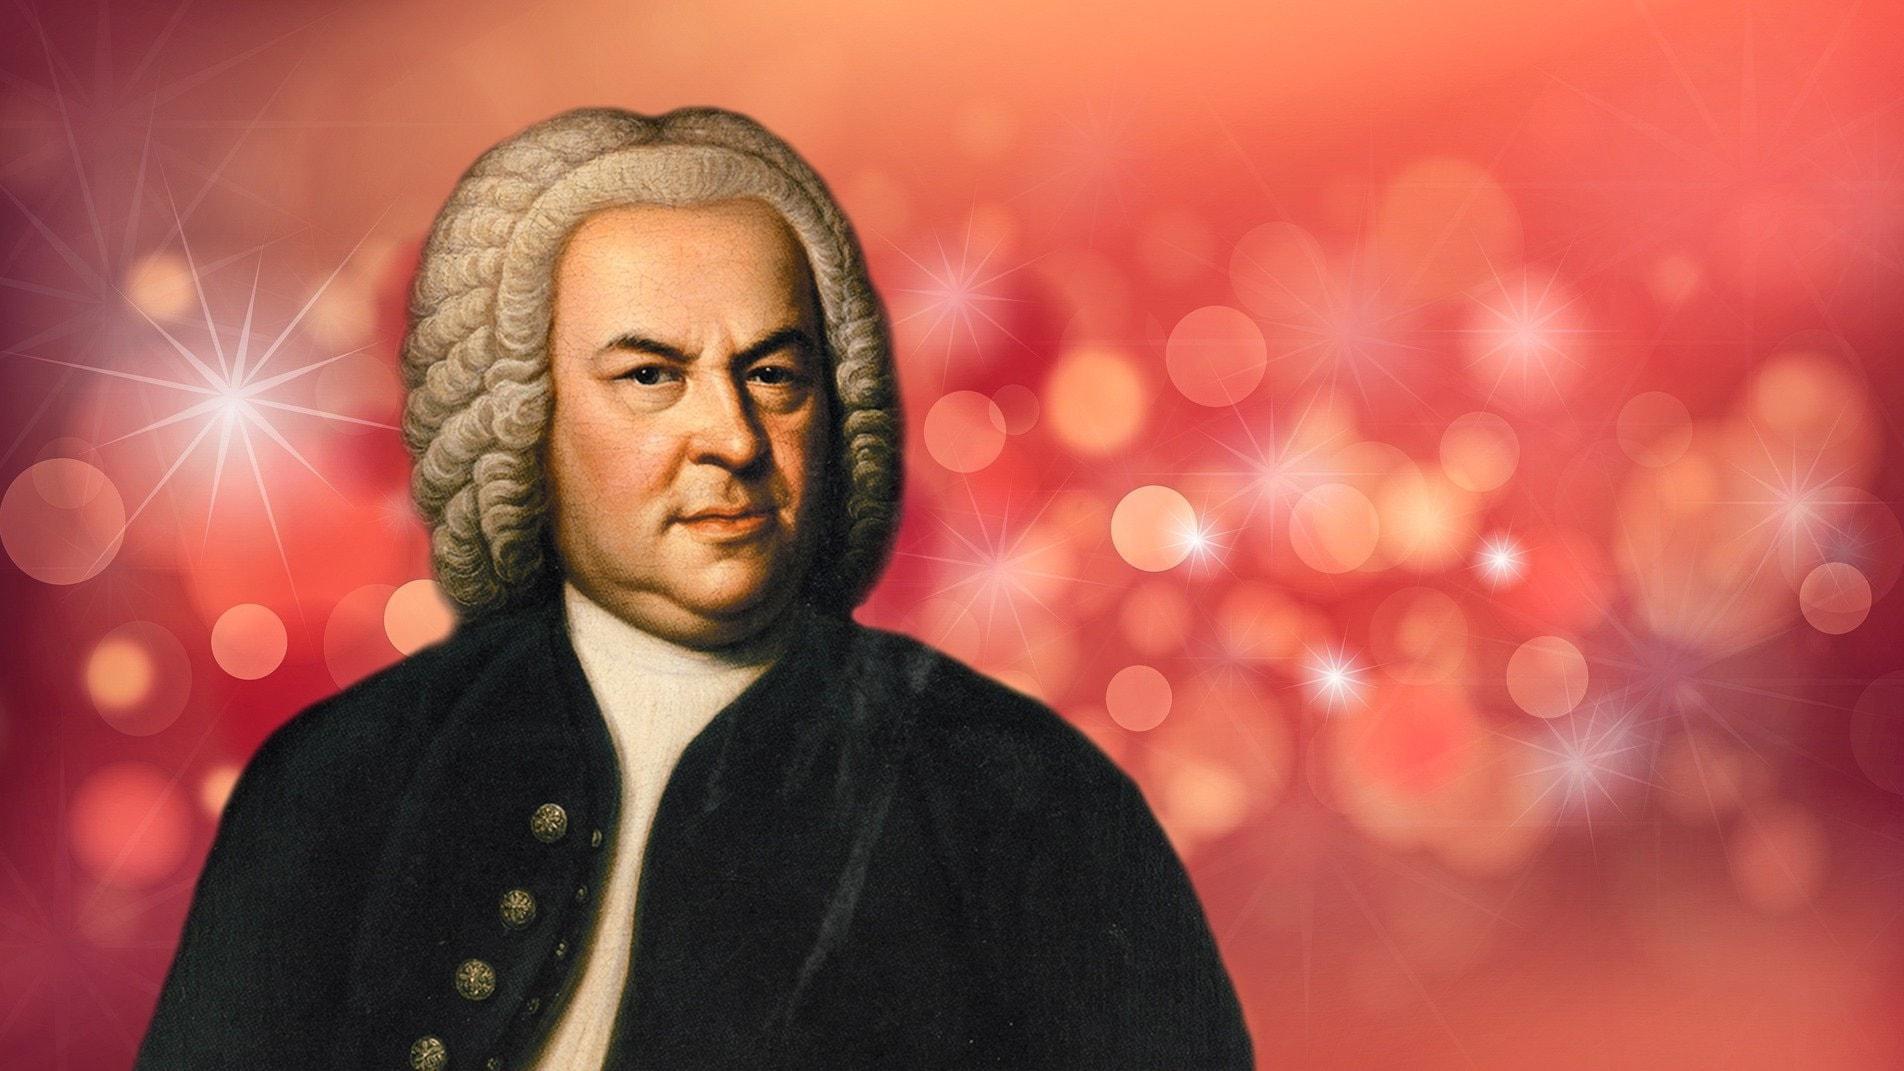 Julmusikdagen: Juloratoriet av Johann Sebastian Bach